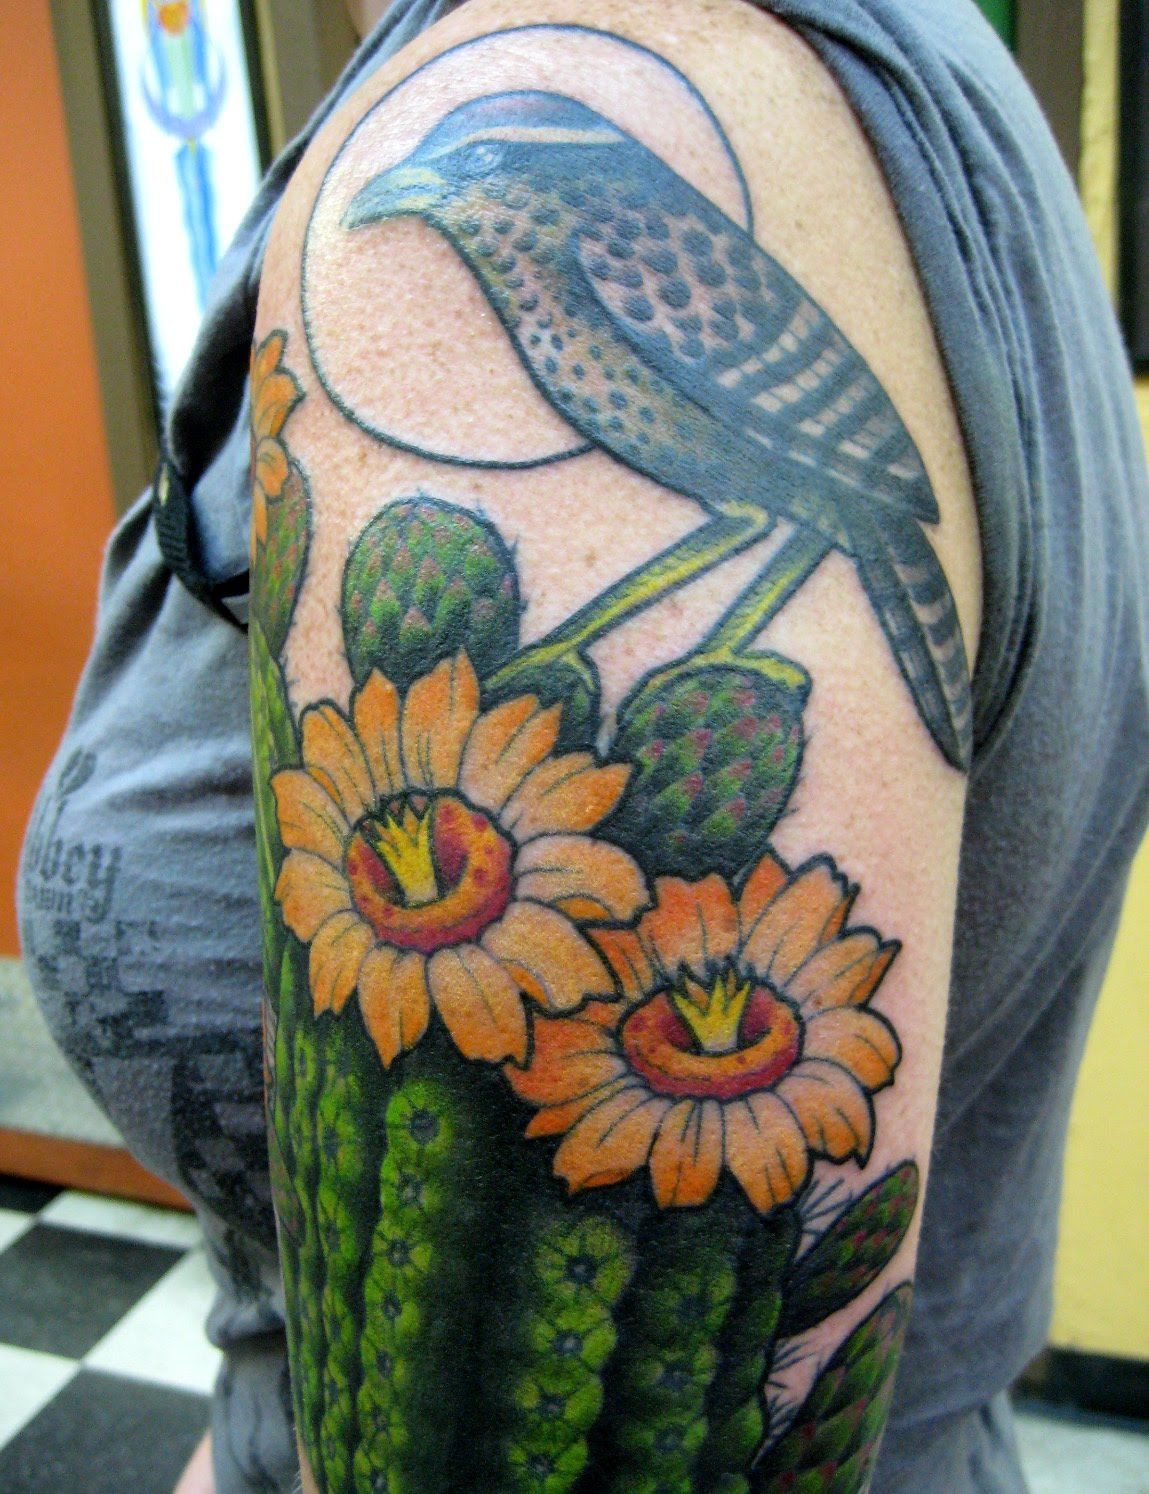 Christina Hock - Saguaro and Cactus Wren? | Design: tattoos ...